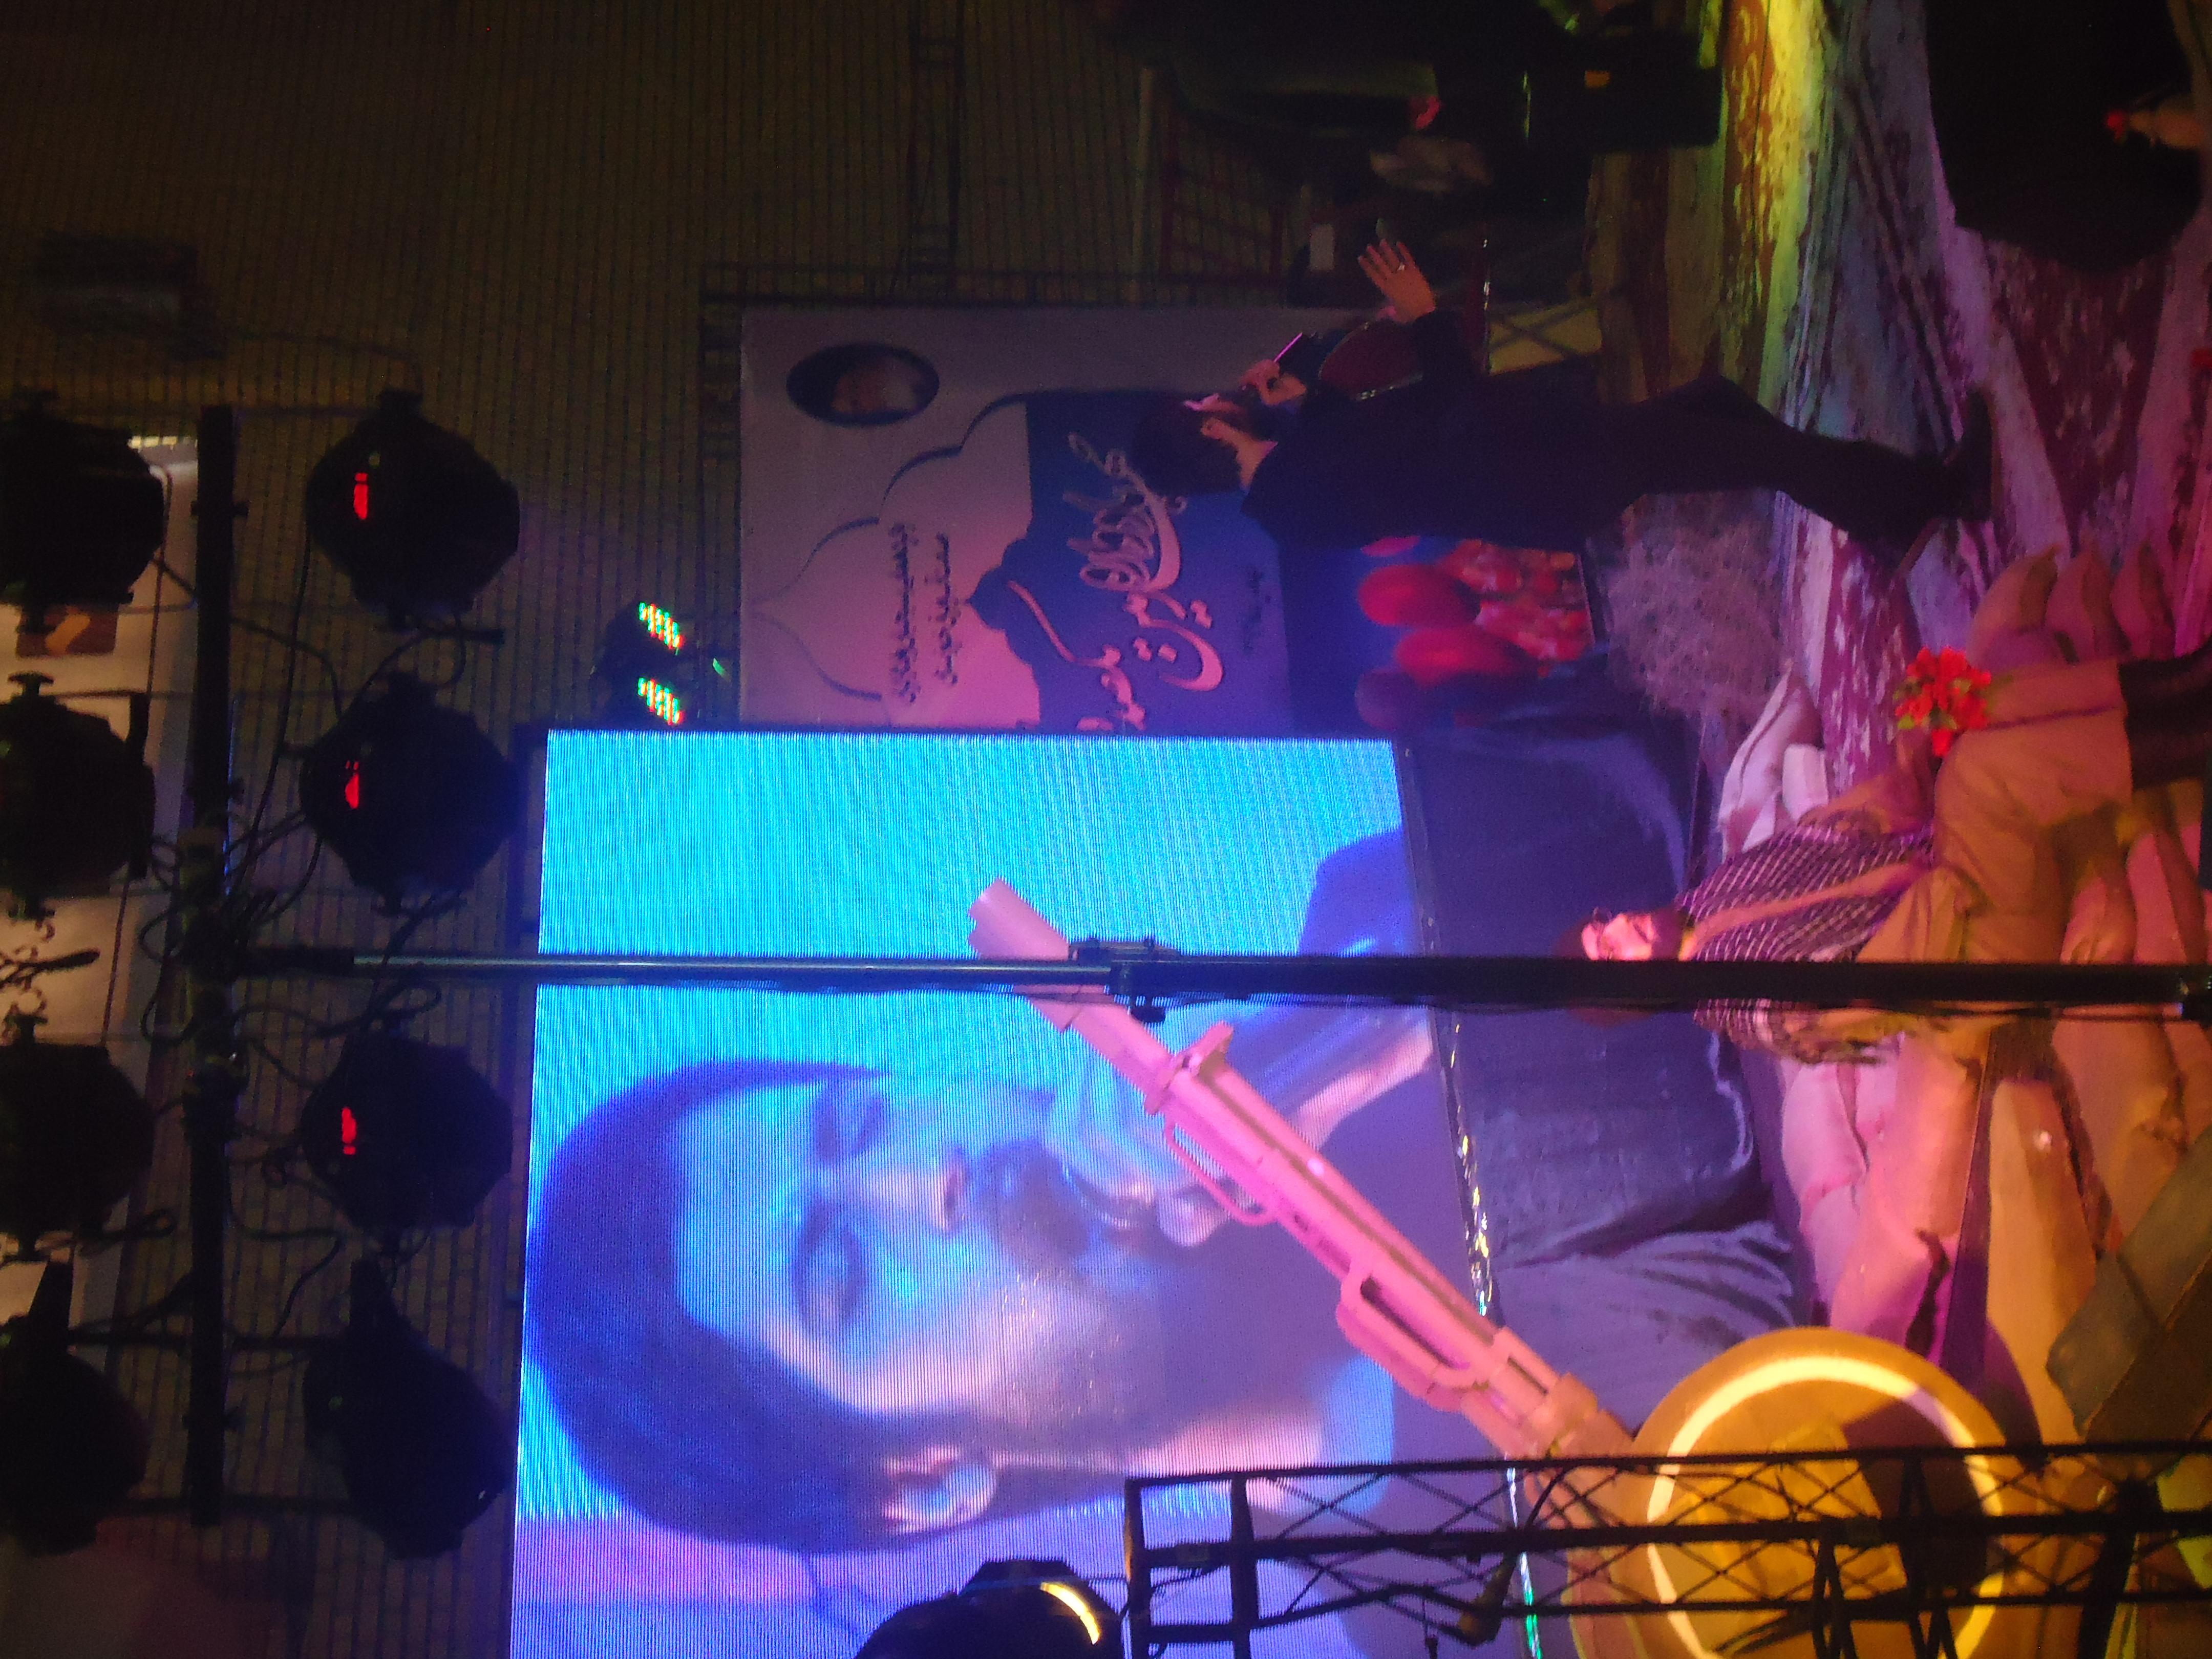 عکس های اقای حامد زمانی در اهواز